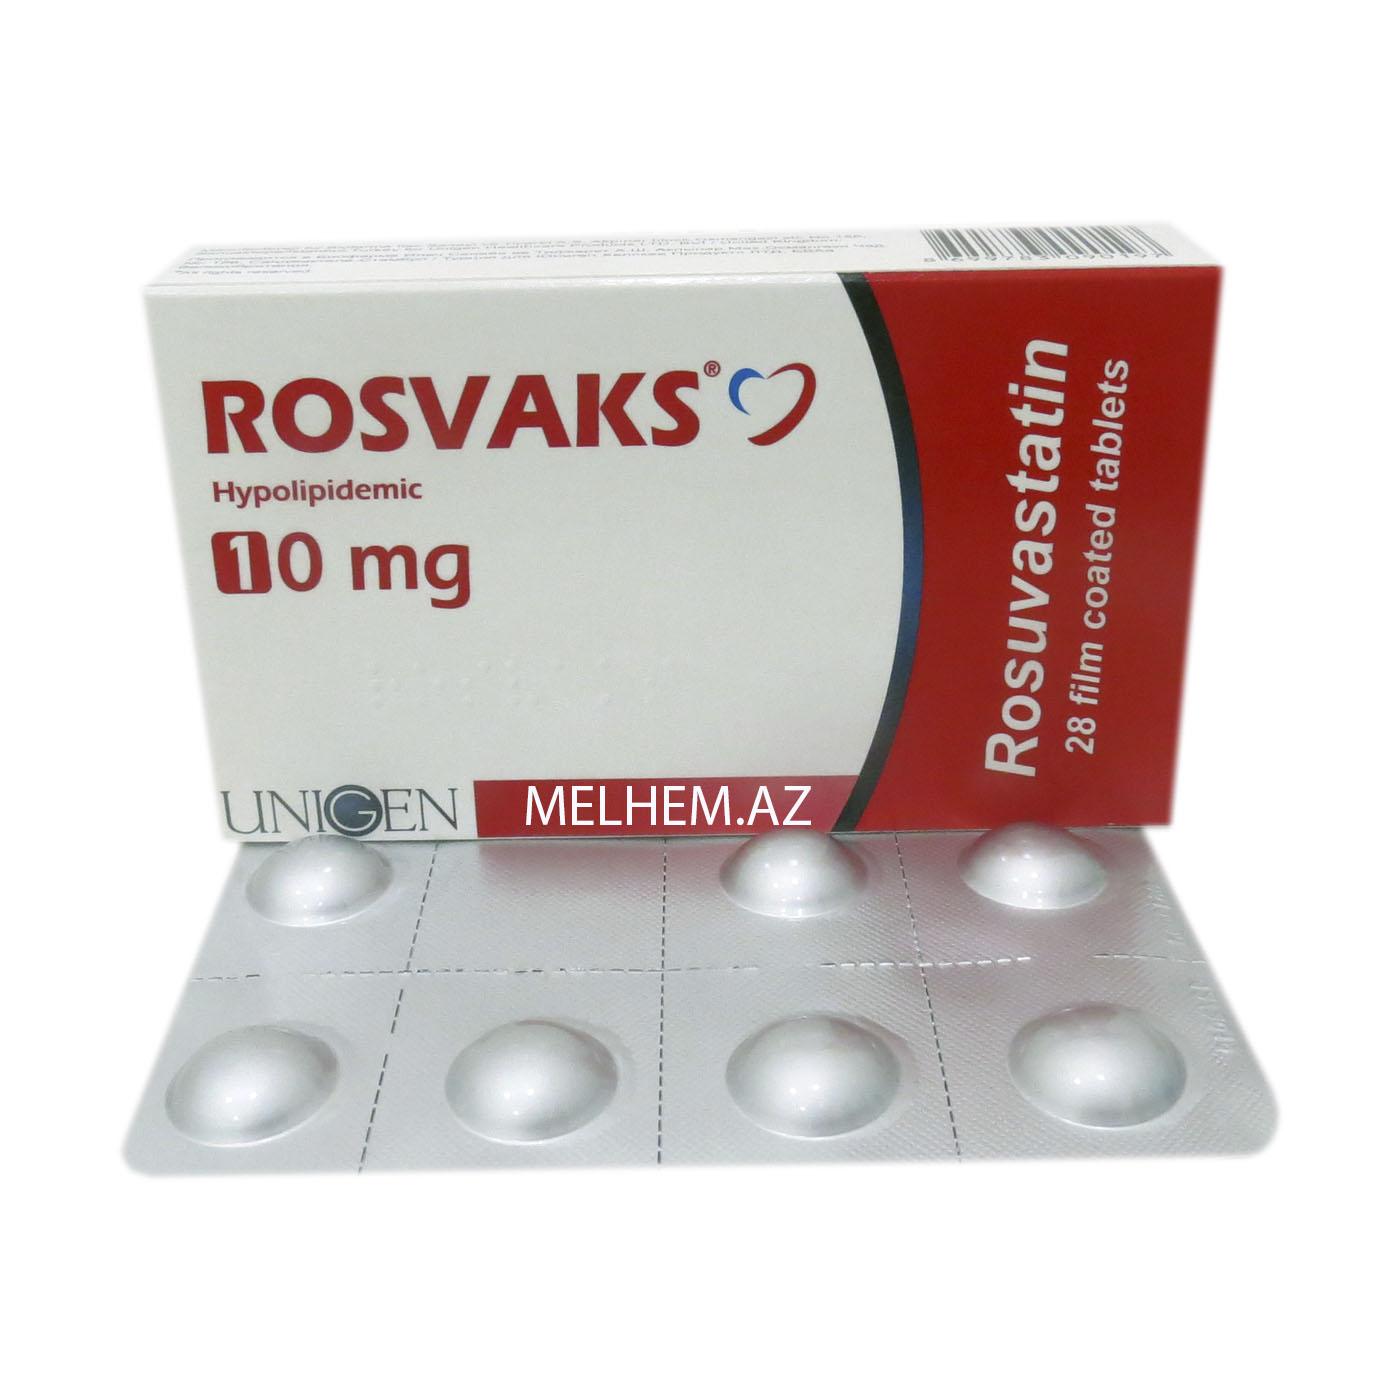 ROSVAKS 10 MG